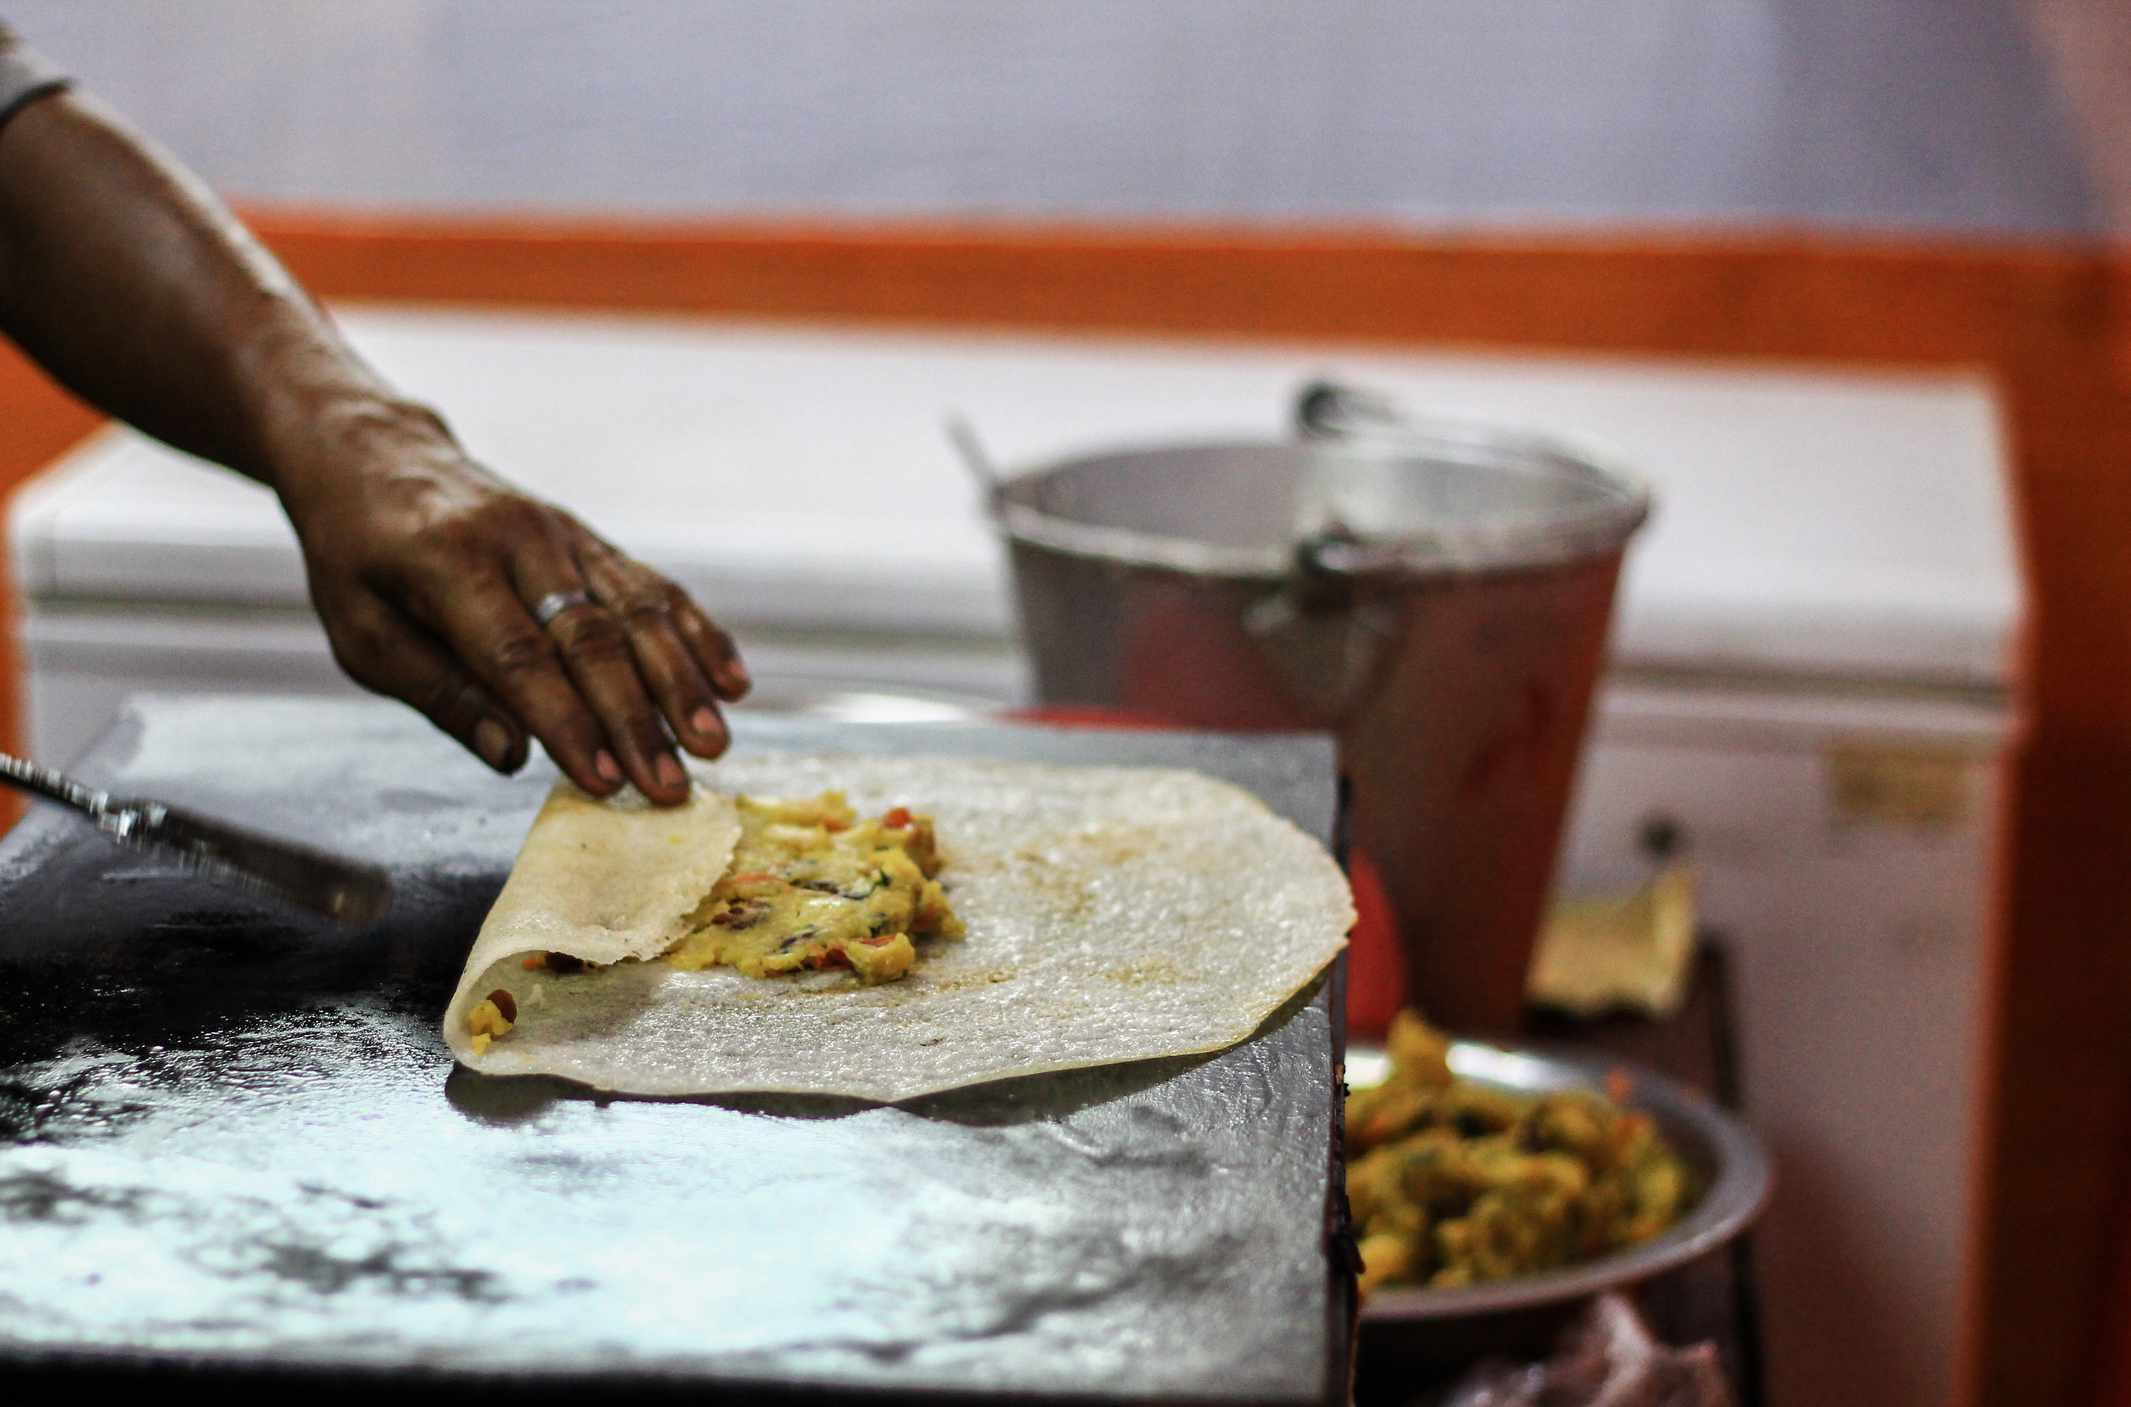 Cooking masala dosa.